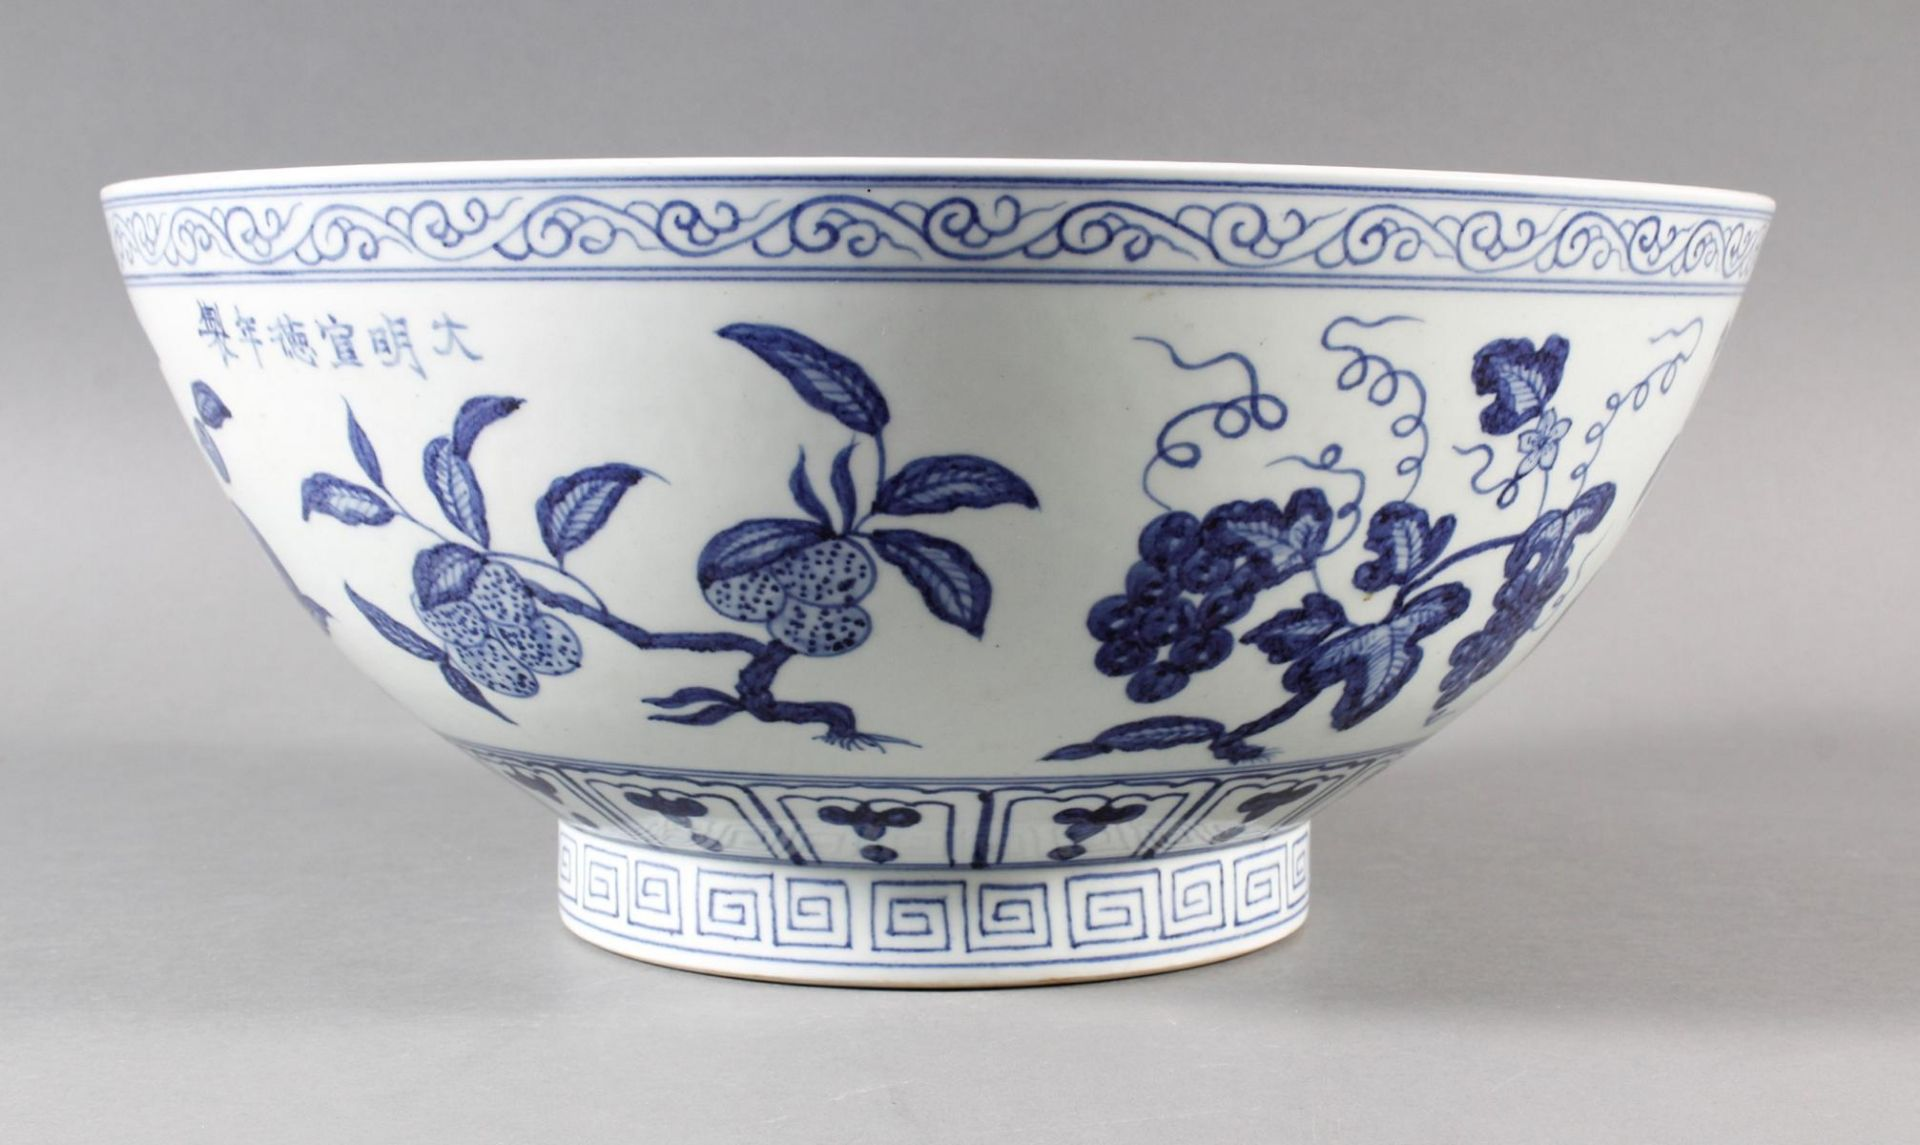 Große Porzellanschüssel, China, Hsüan-tê Marke - Bild 3 aus 17